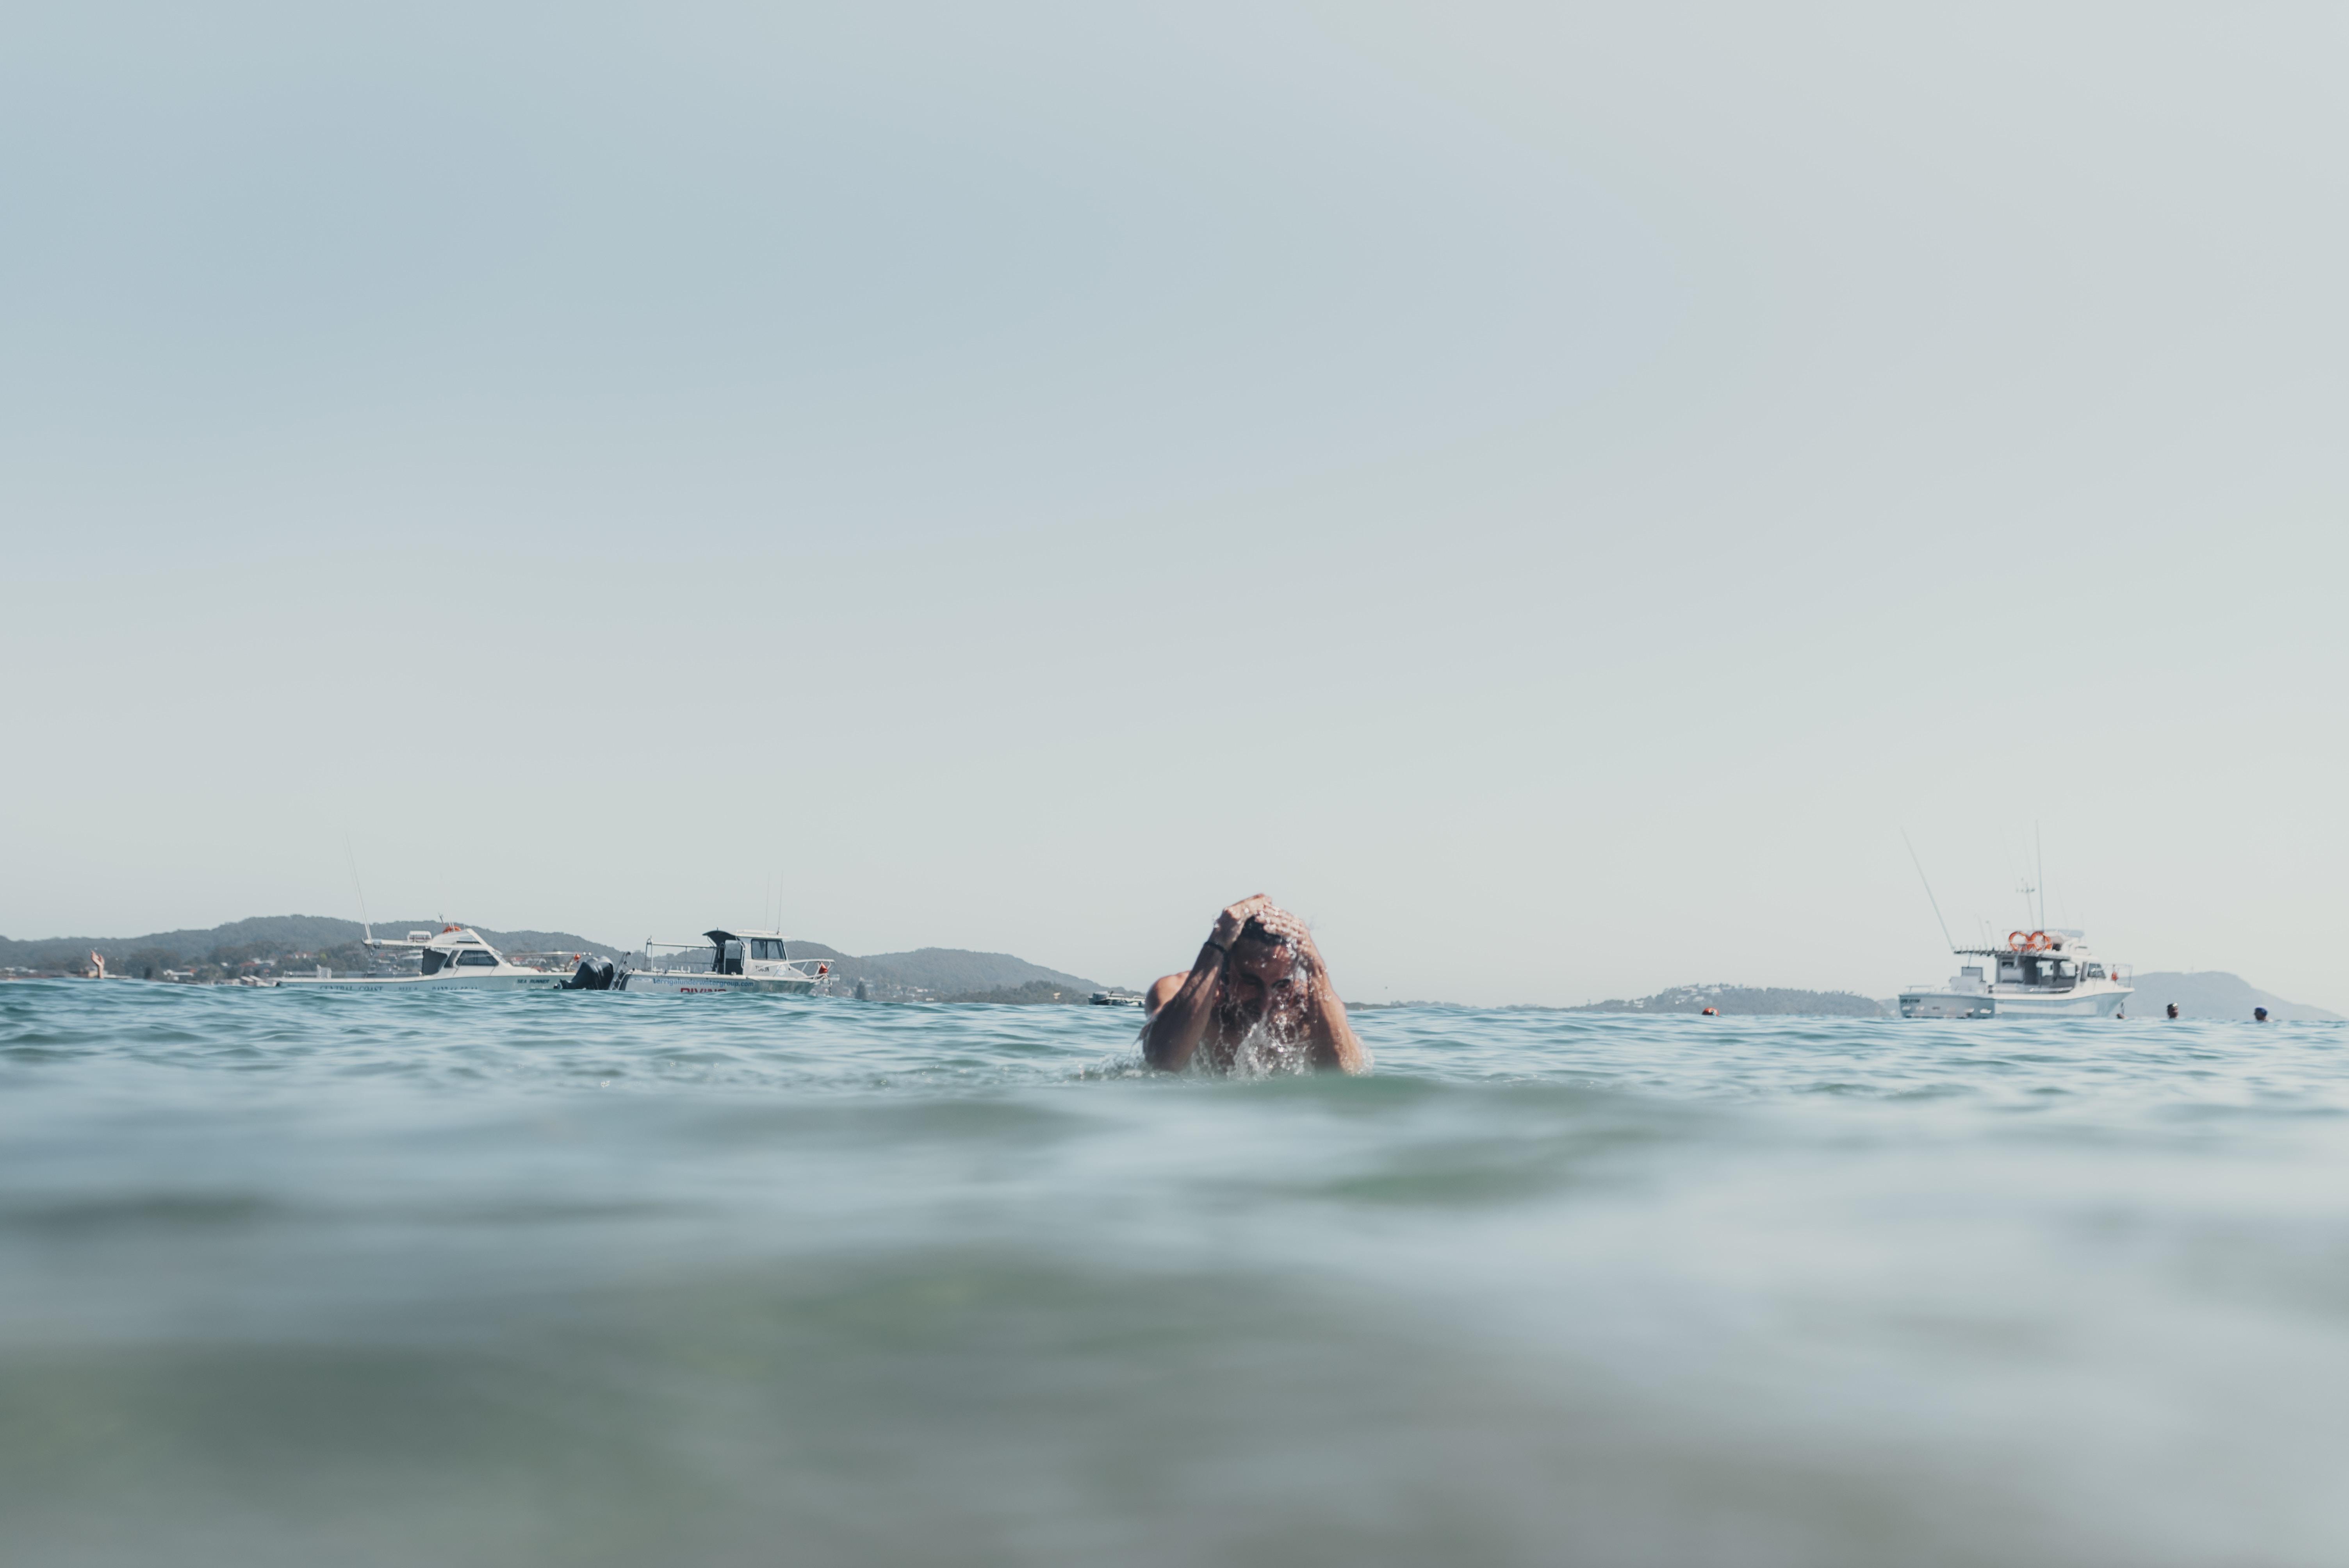 man on water during daytime